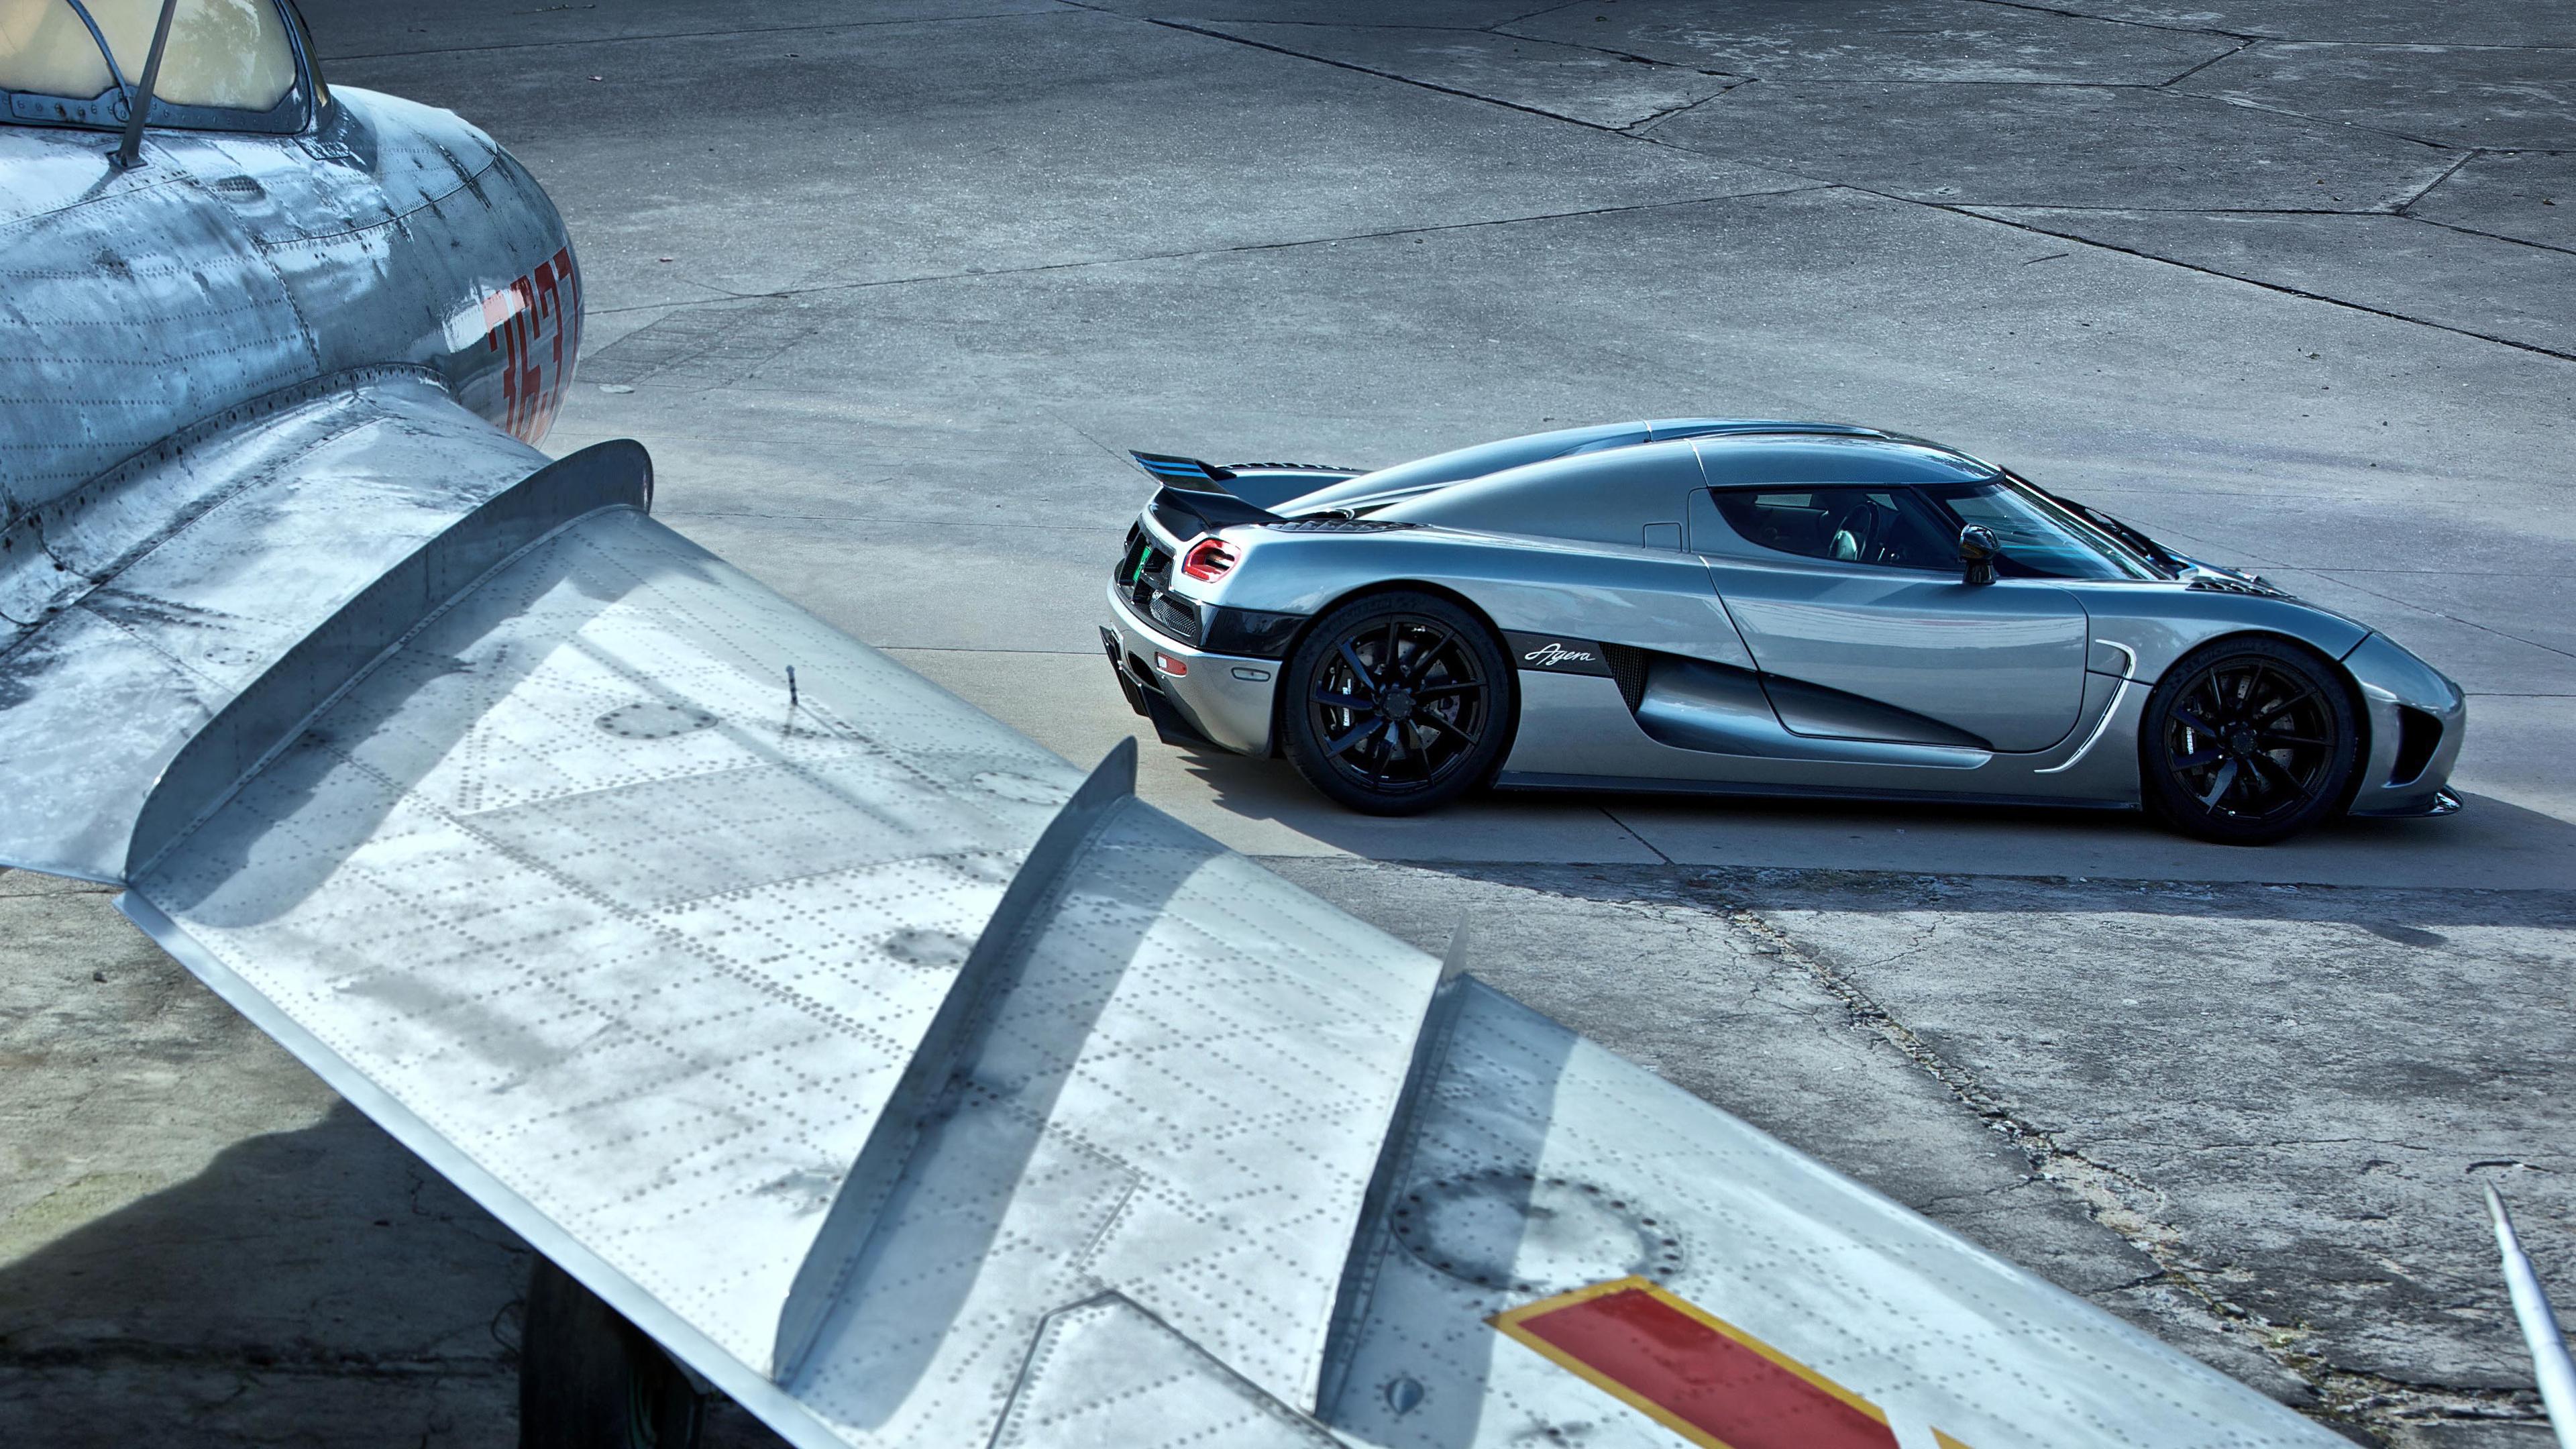 Sport Car White Wallpaper B 6214 MoshLab 3840x2160